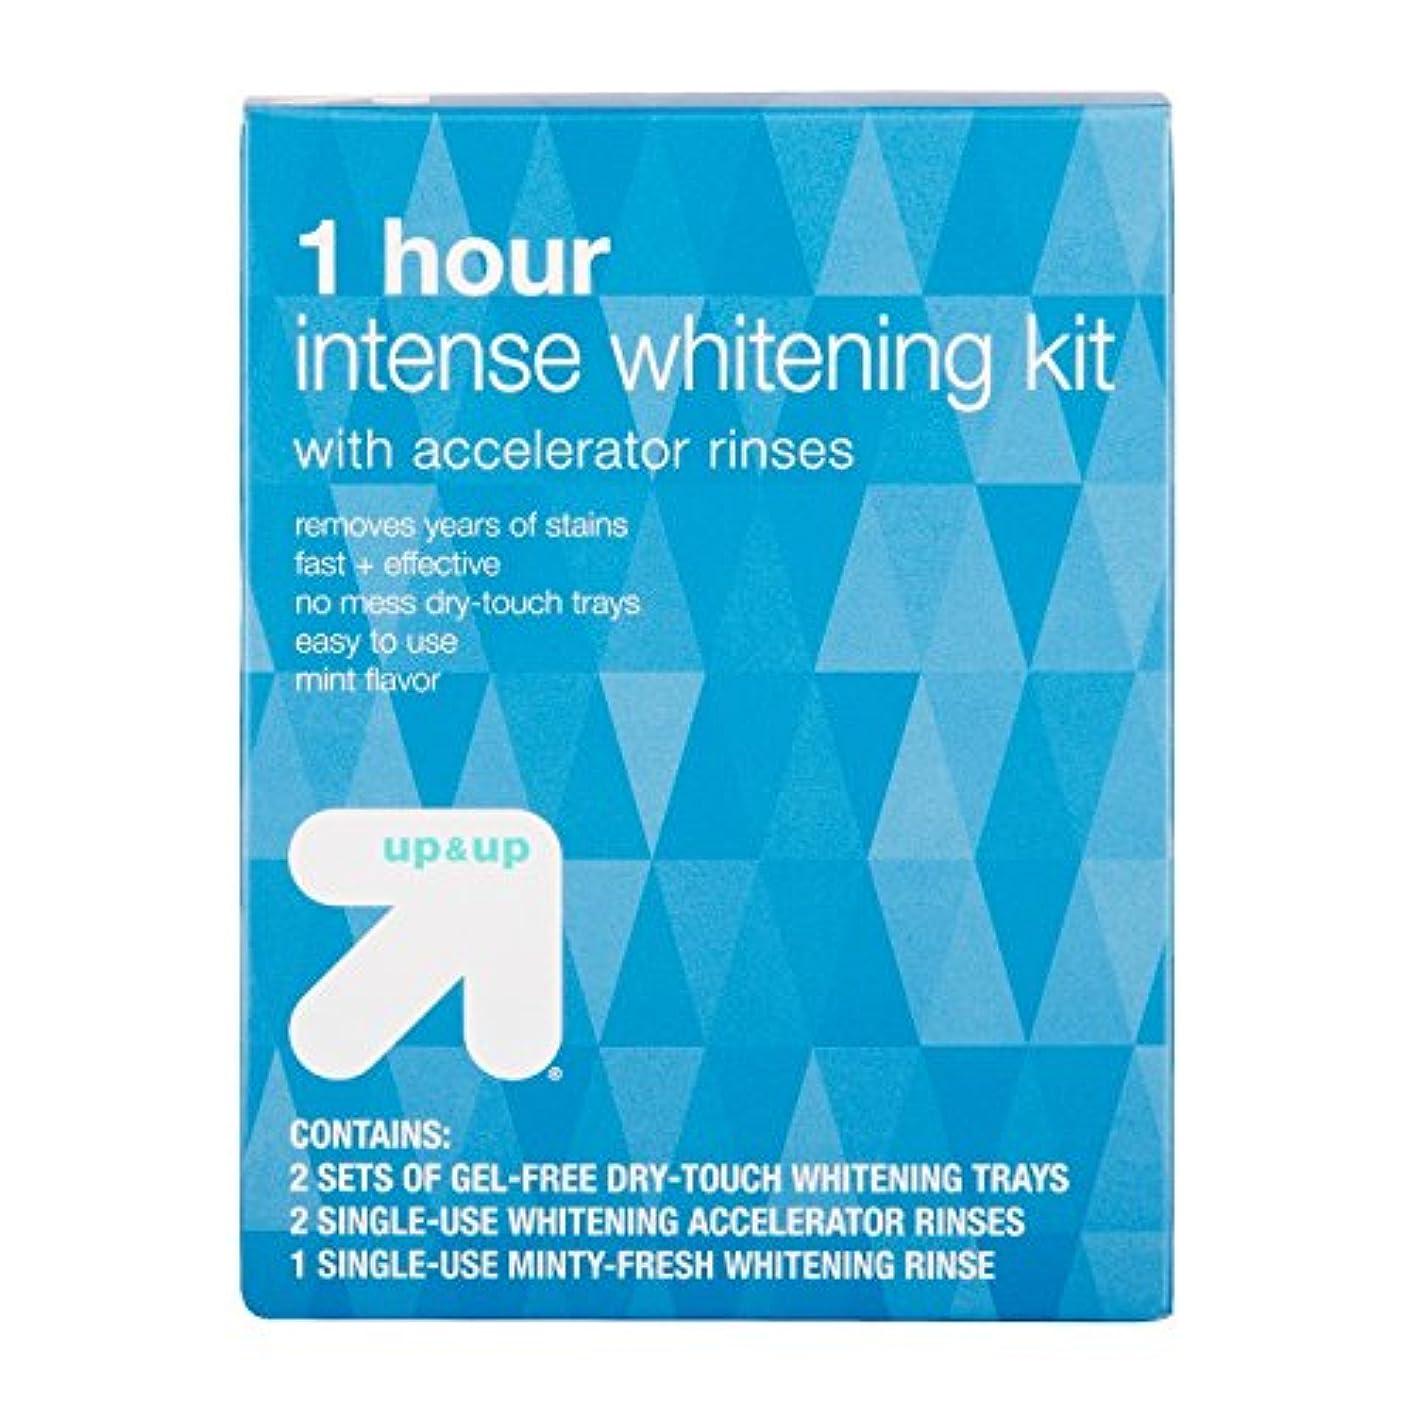 フォージ塊ハーフたった1時間で効果がわかる アップ&アップ ホワイトニングキット 1-Hour Intense Teeth Whitening Kit - up & up